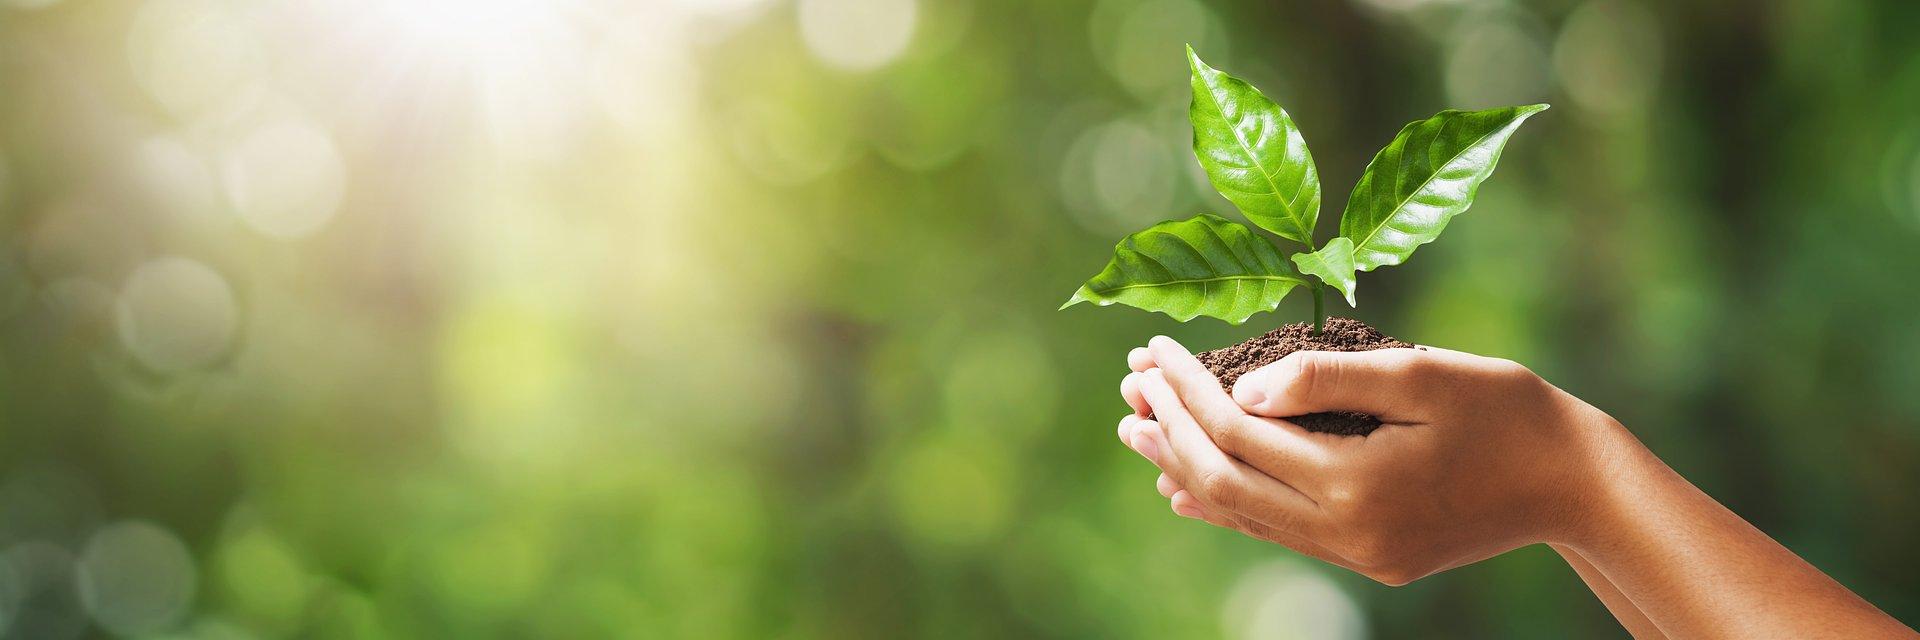 Światowy Dzień Ziemi – 5 prostych kroków ku temu, by żyć bliżej Matki Natury